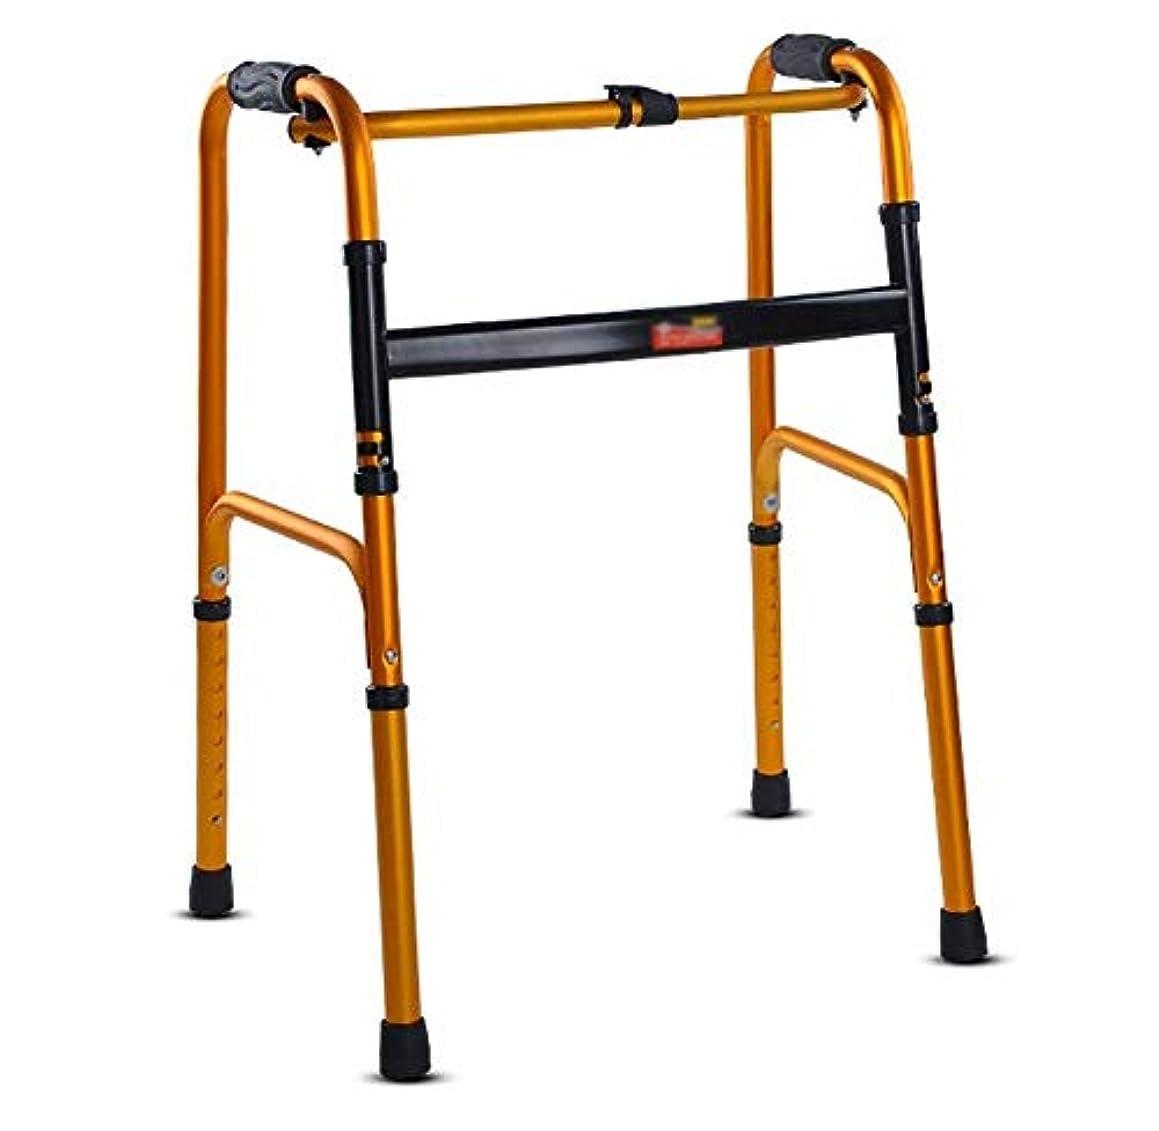 ドライバごめんなさい見つけたアルミ合金の折る古い歩行者、調節可能な高さの4本足の杖屋外の浴室の使用 (Color : Bronze)